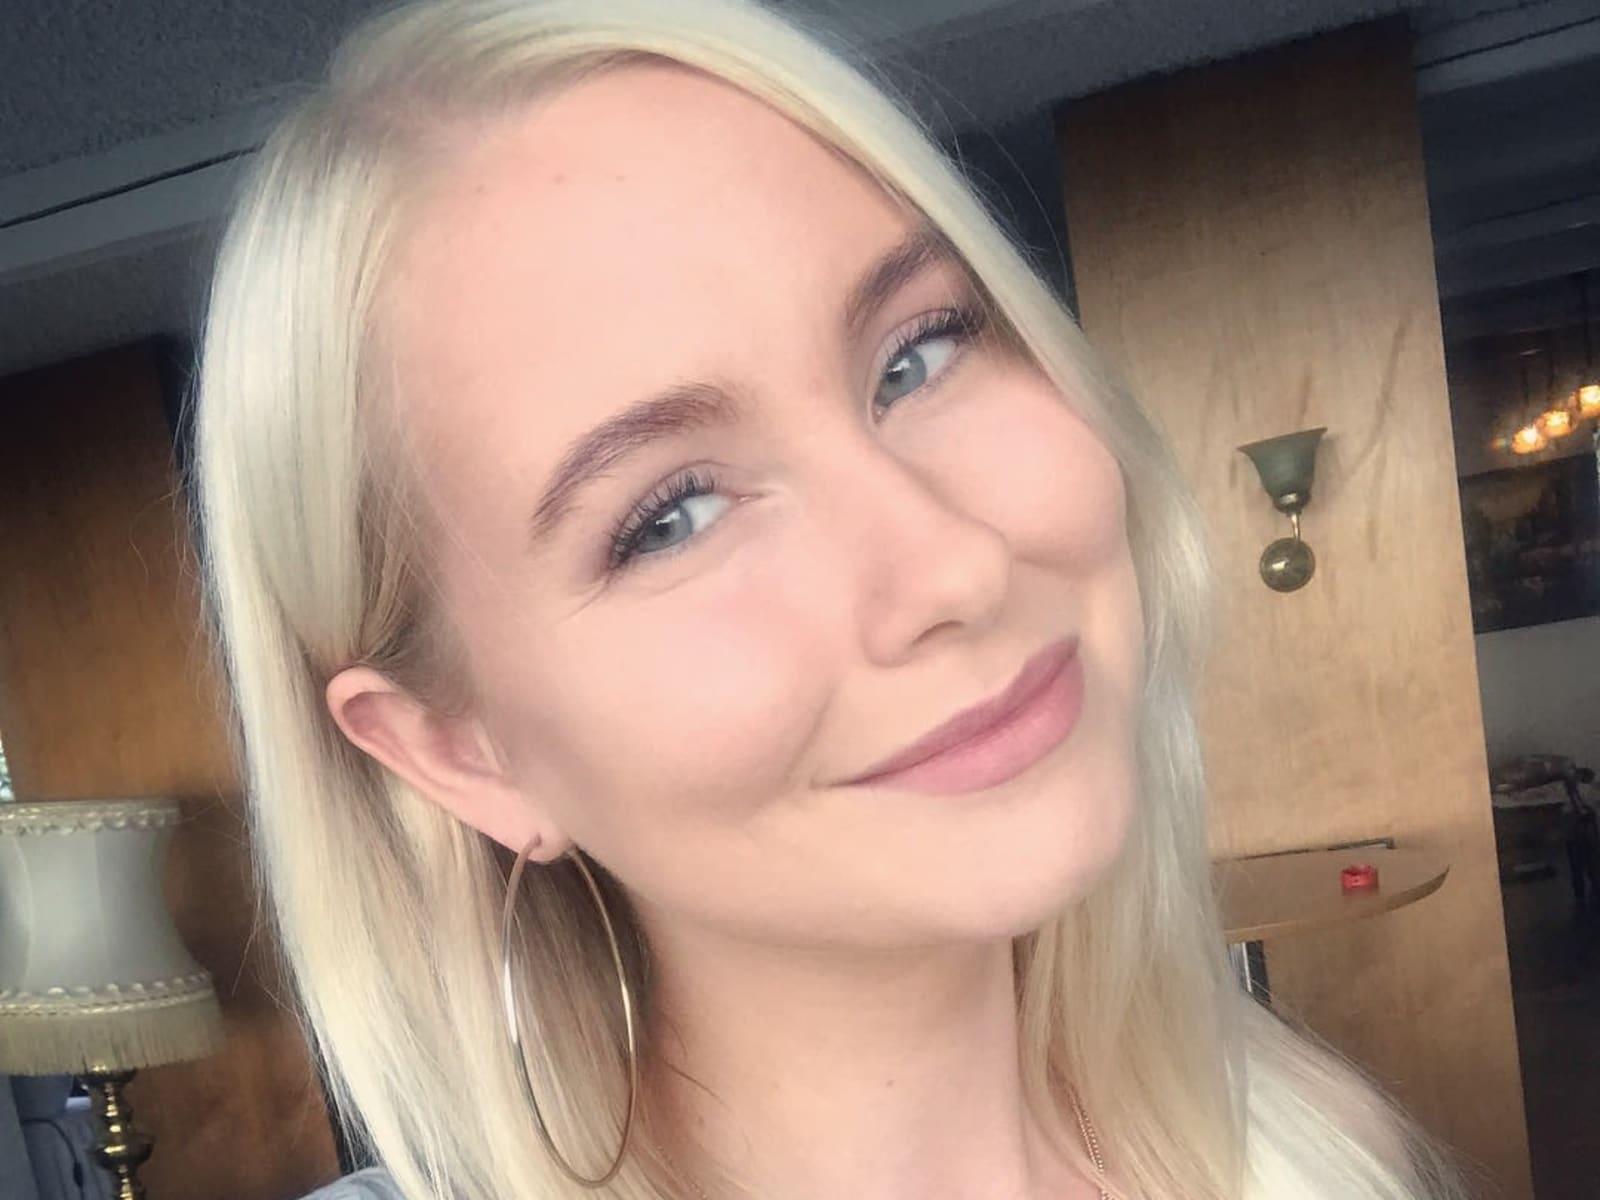 Andrea from Reykjavík, Iceland